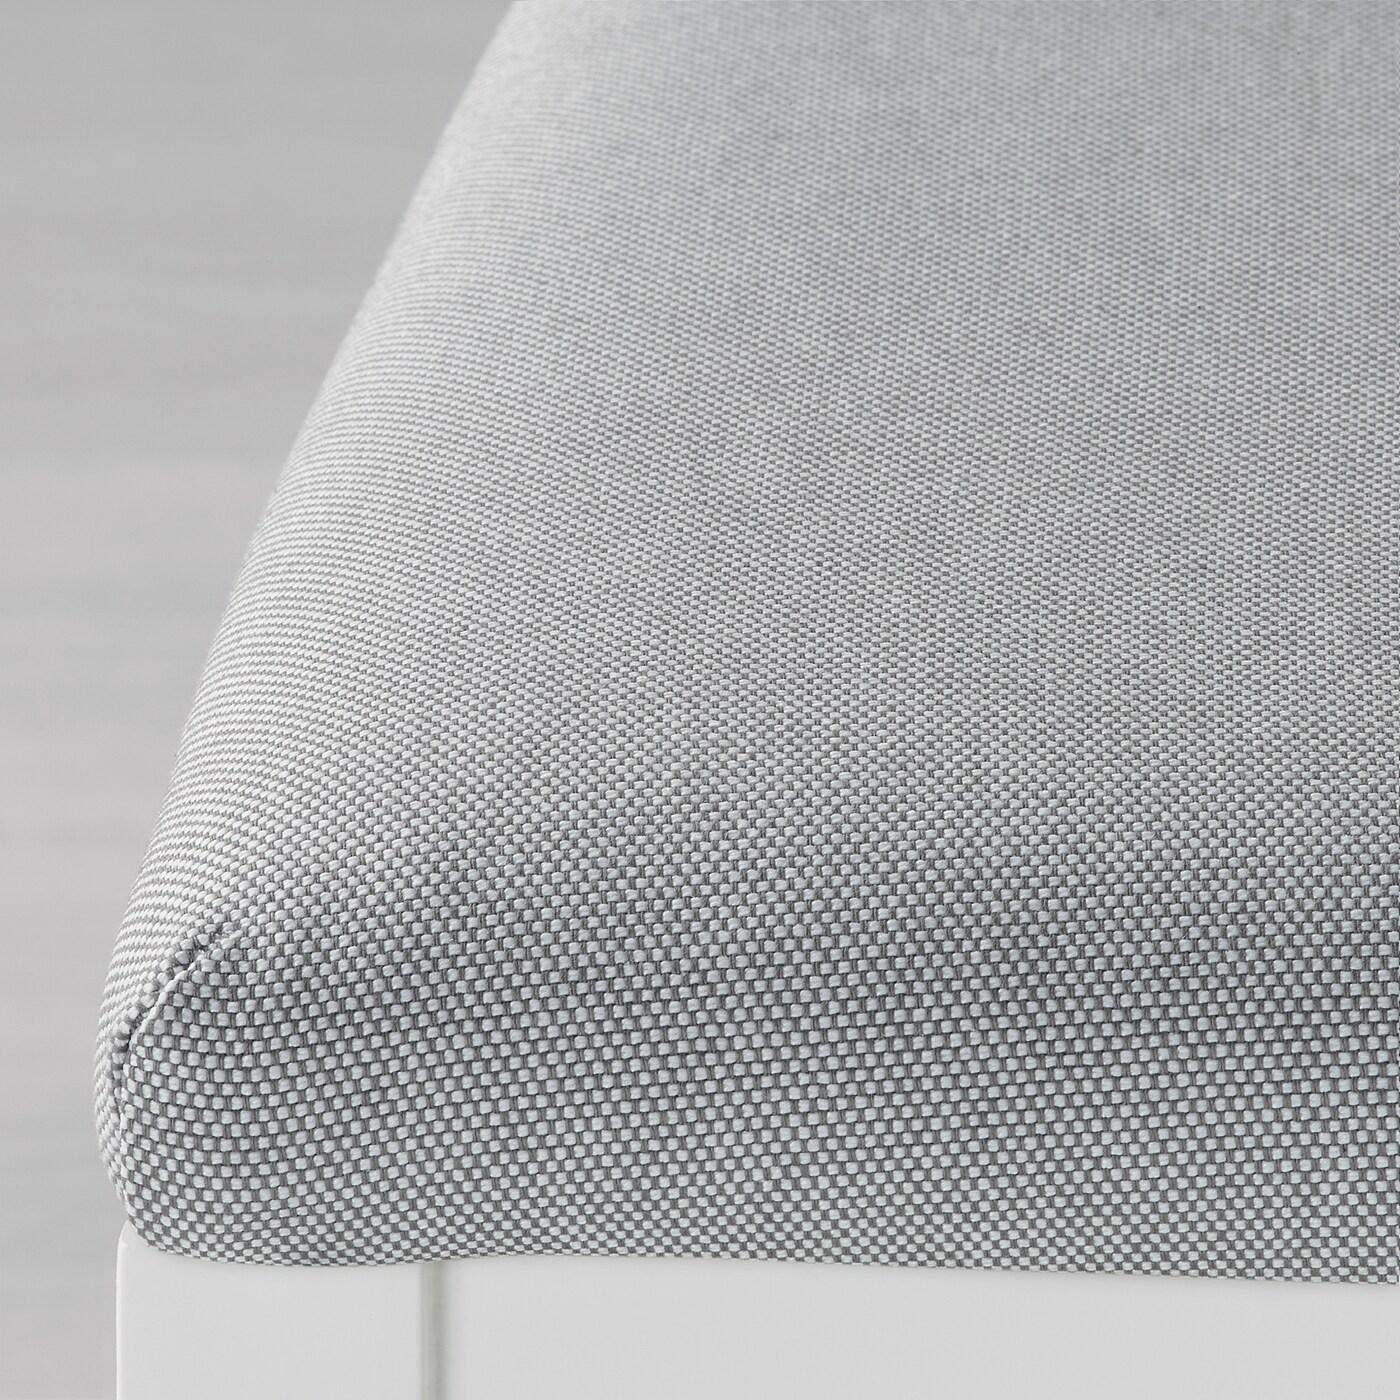 EKEDALEN Tisch und 2 Stühle weißOrrsta hellgrau IKEA